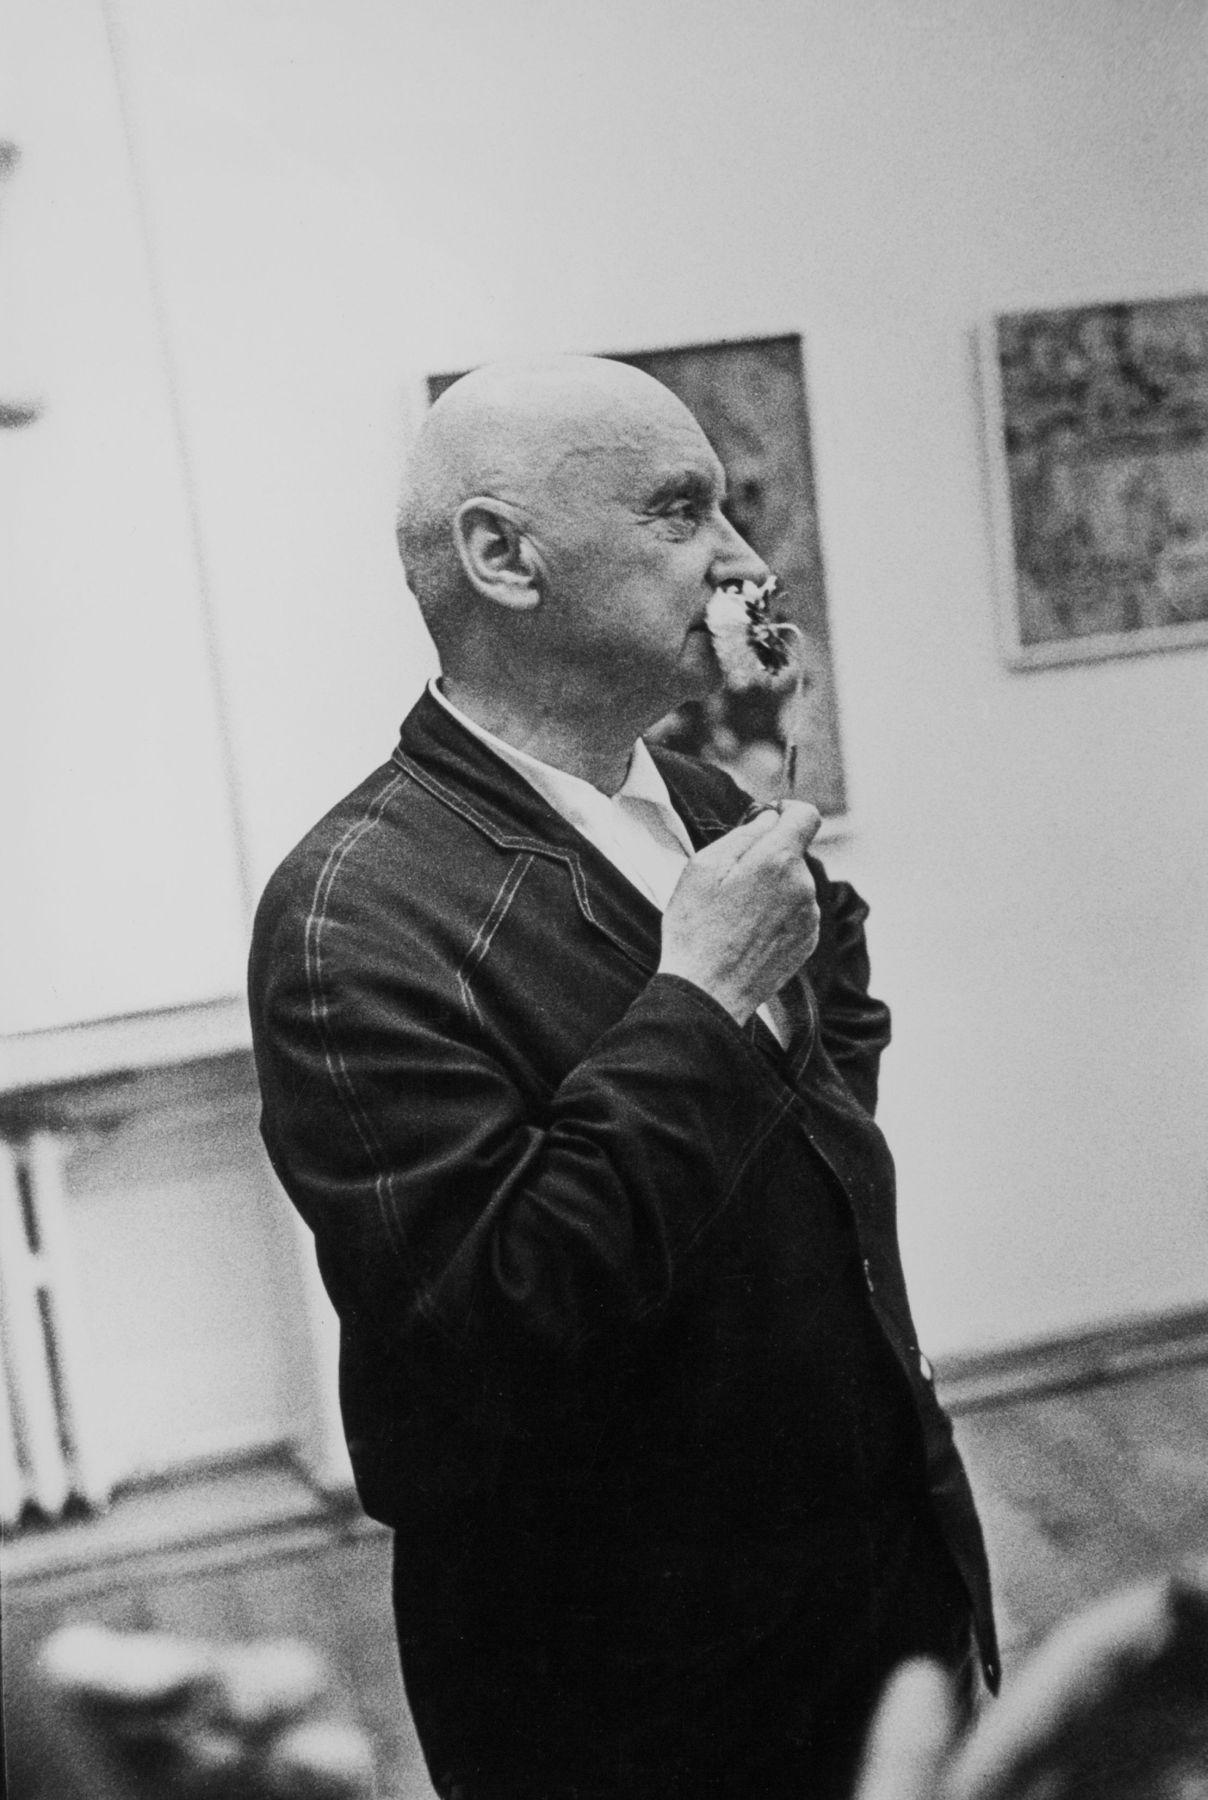 Fot. Tadeusz Rolke (źródło: materiały prasowe organizatora)